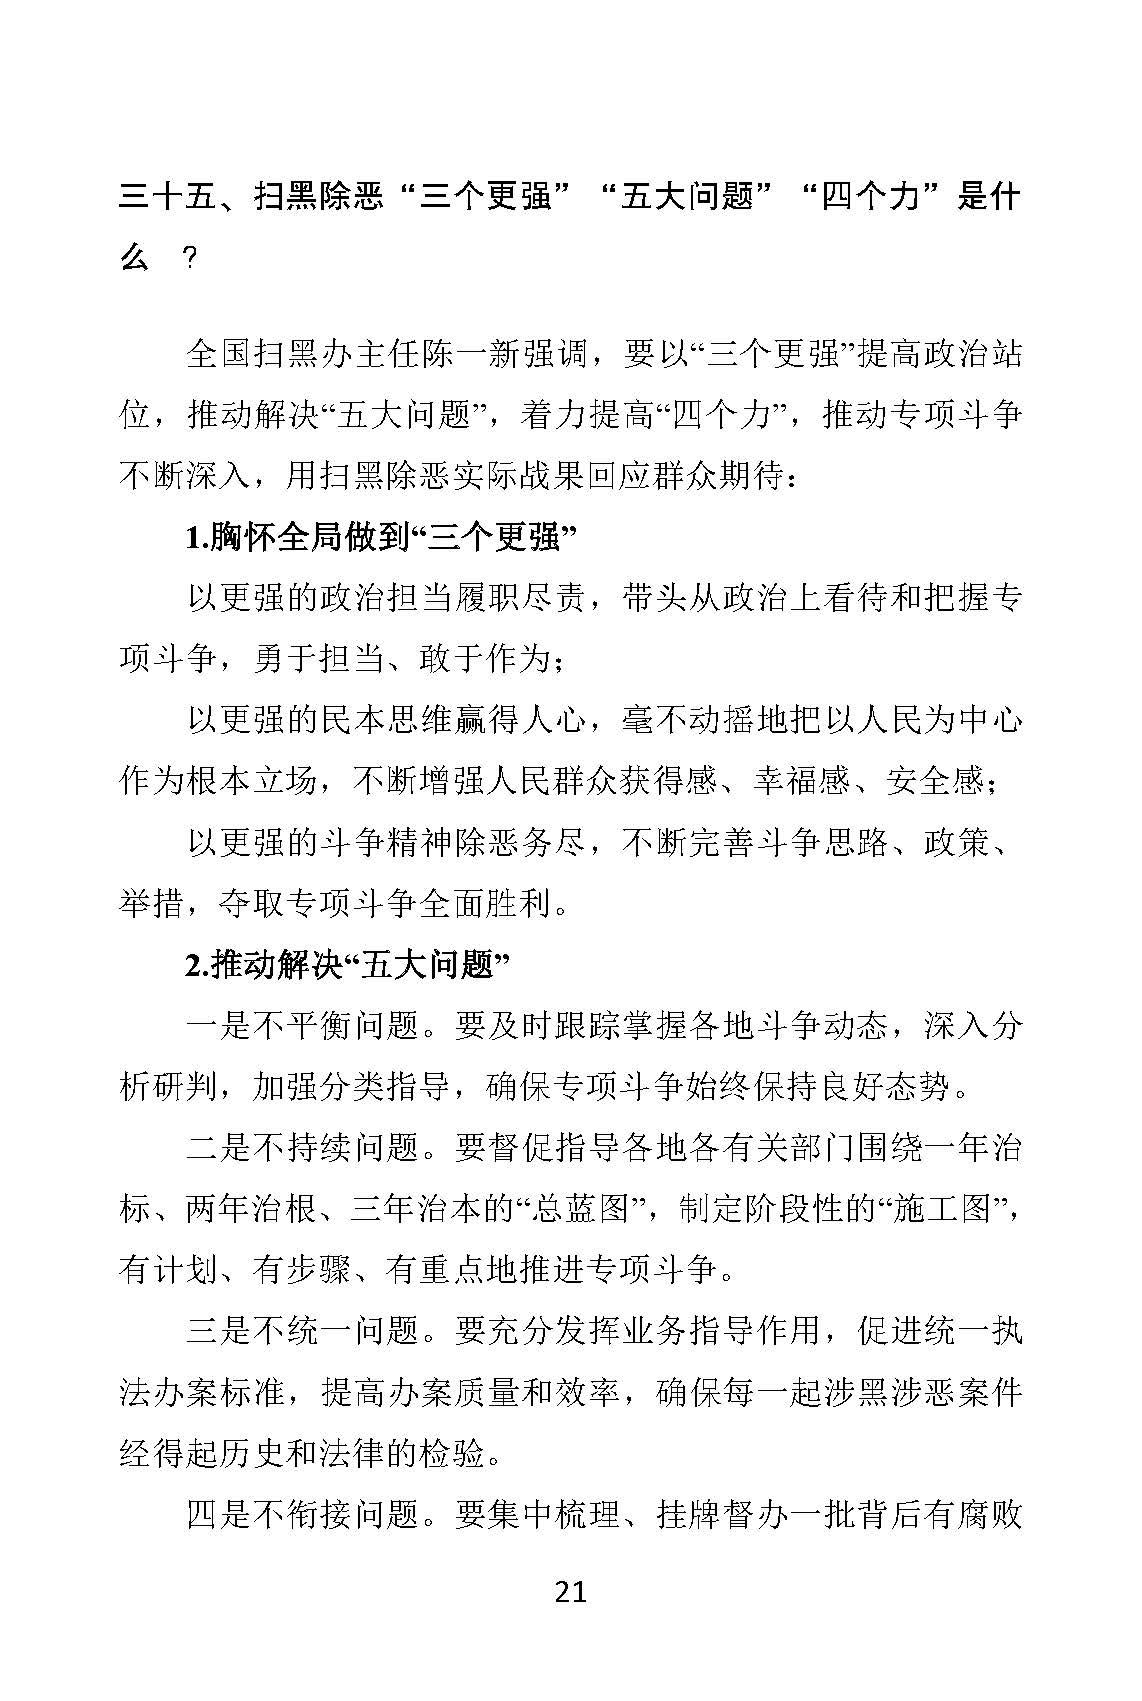 贺州市扫黑除恶  应知应会知识汇编_页面_21.jpg